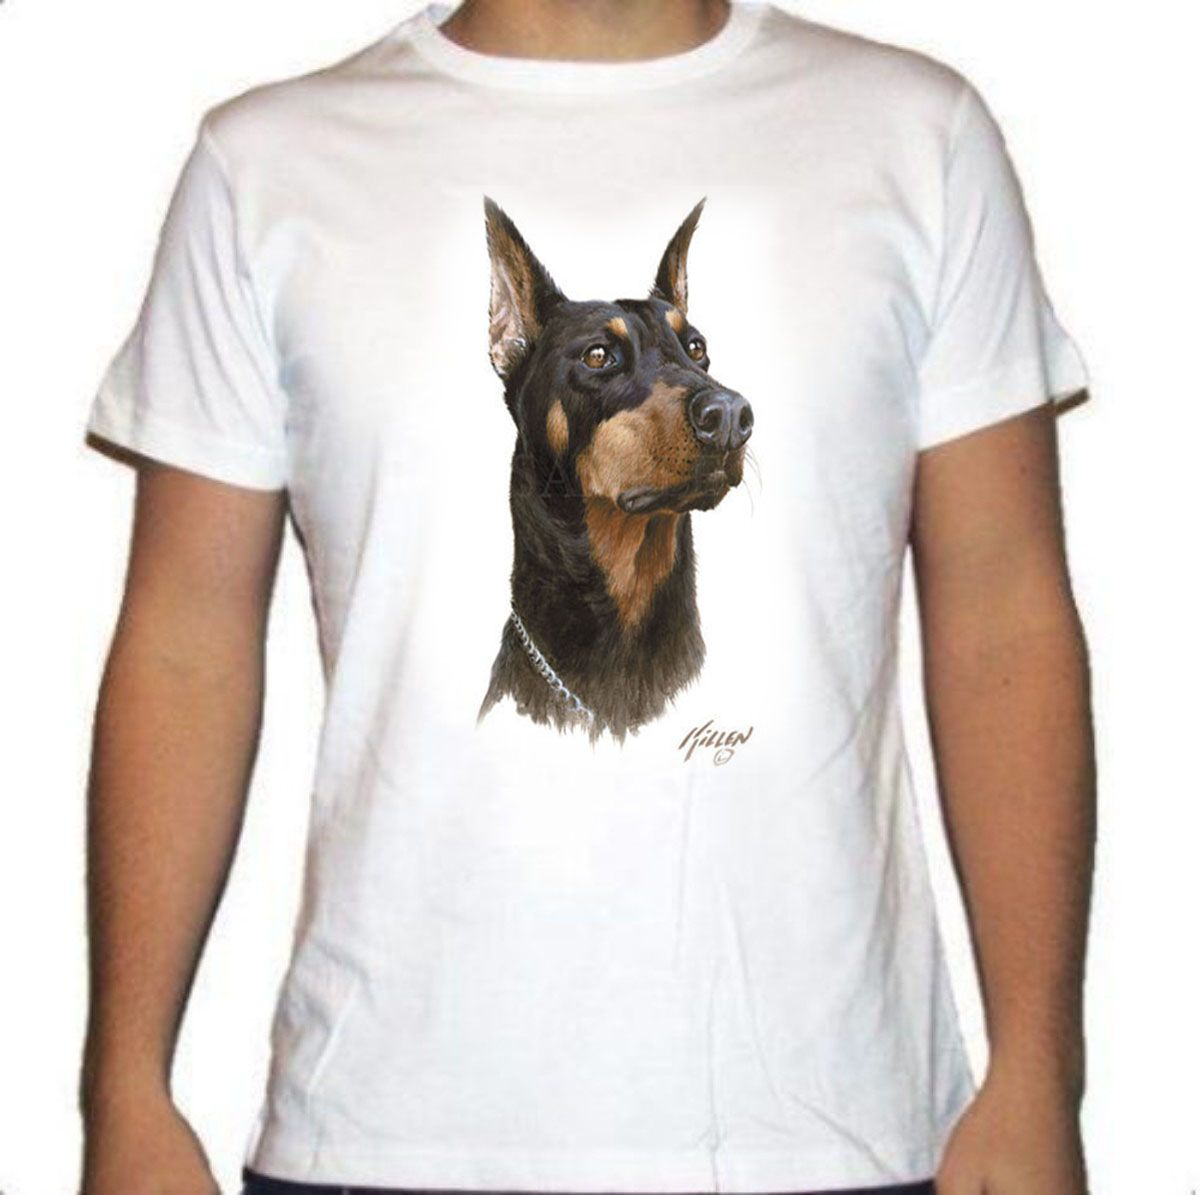 Camiseta con la raza Doberman